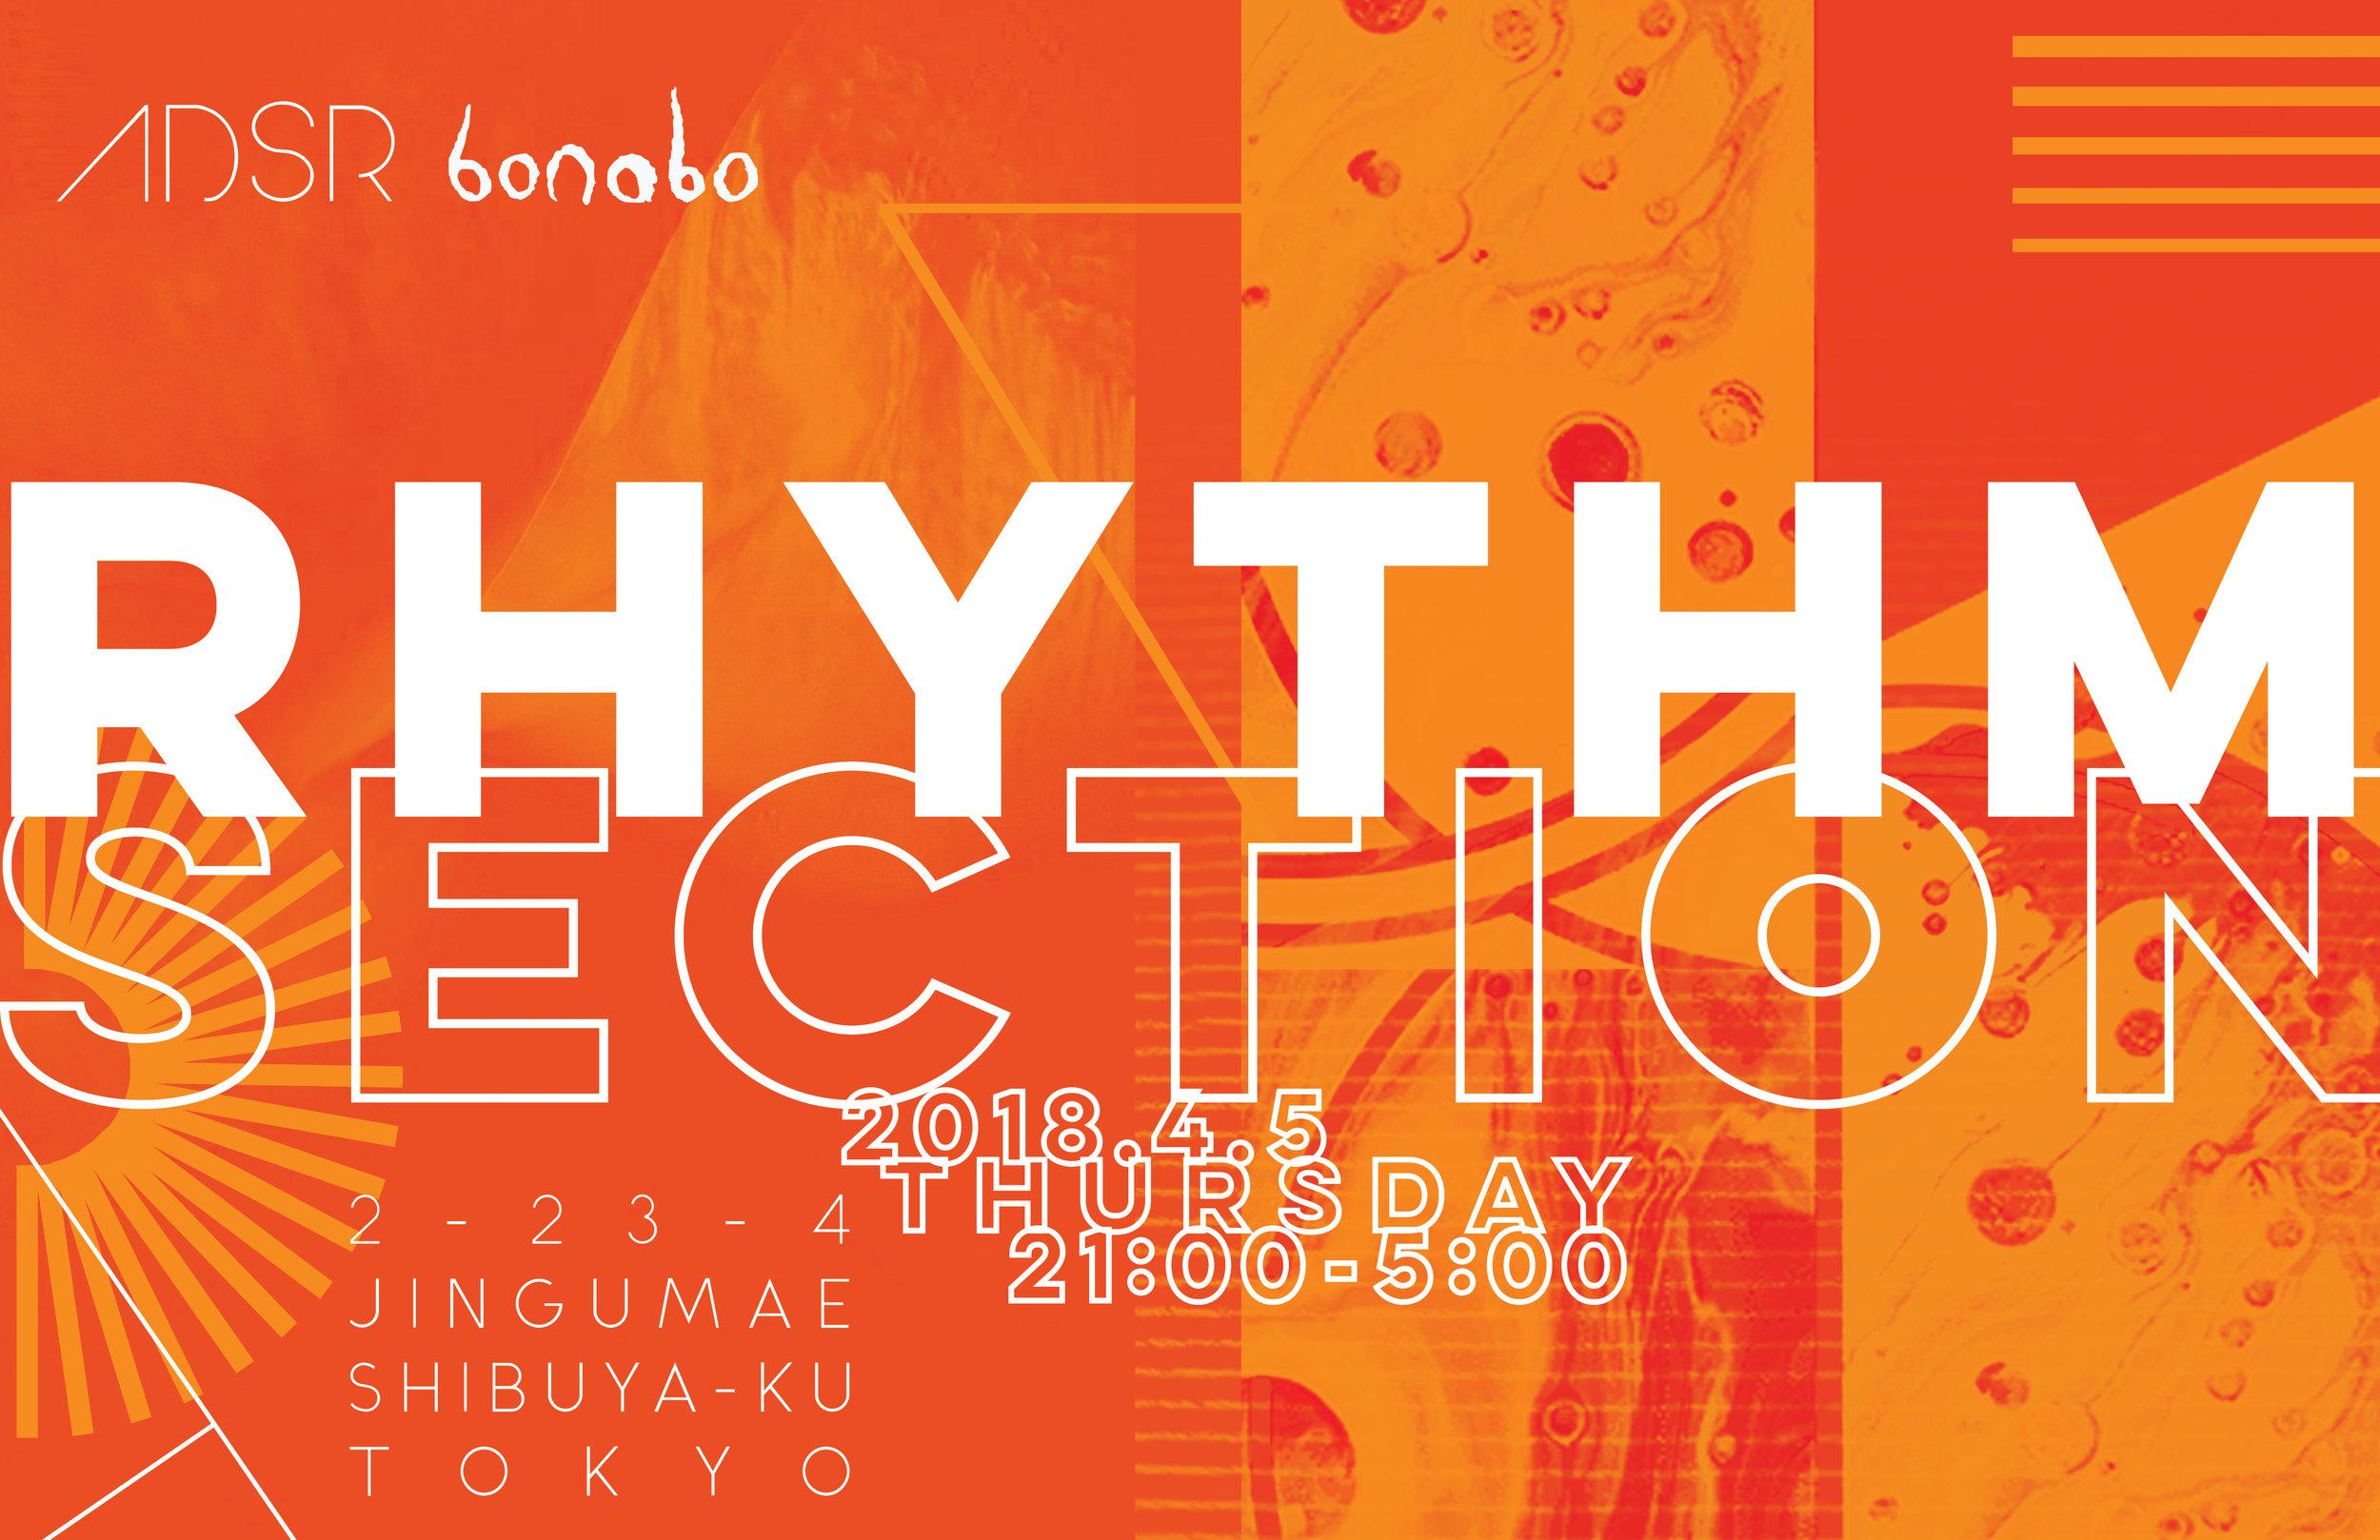 Thursday April 5th @ Bonobo  2-23-4 Jingumae Shibuya-ku Tokyo, Japan